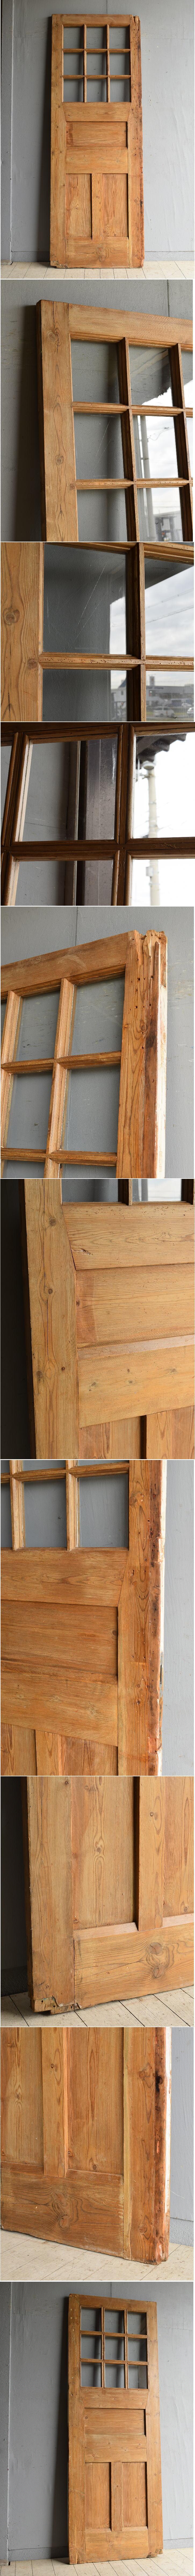 イギリス アンティーク ガラス入り木製ドア 扉 建具 8300